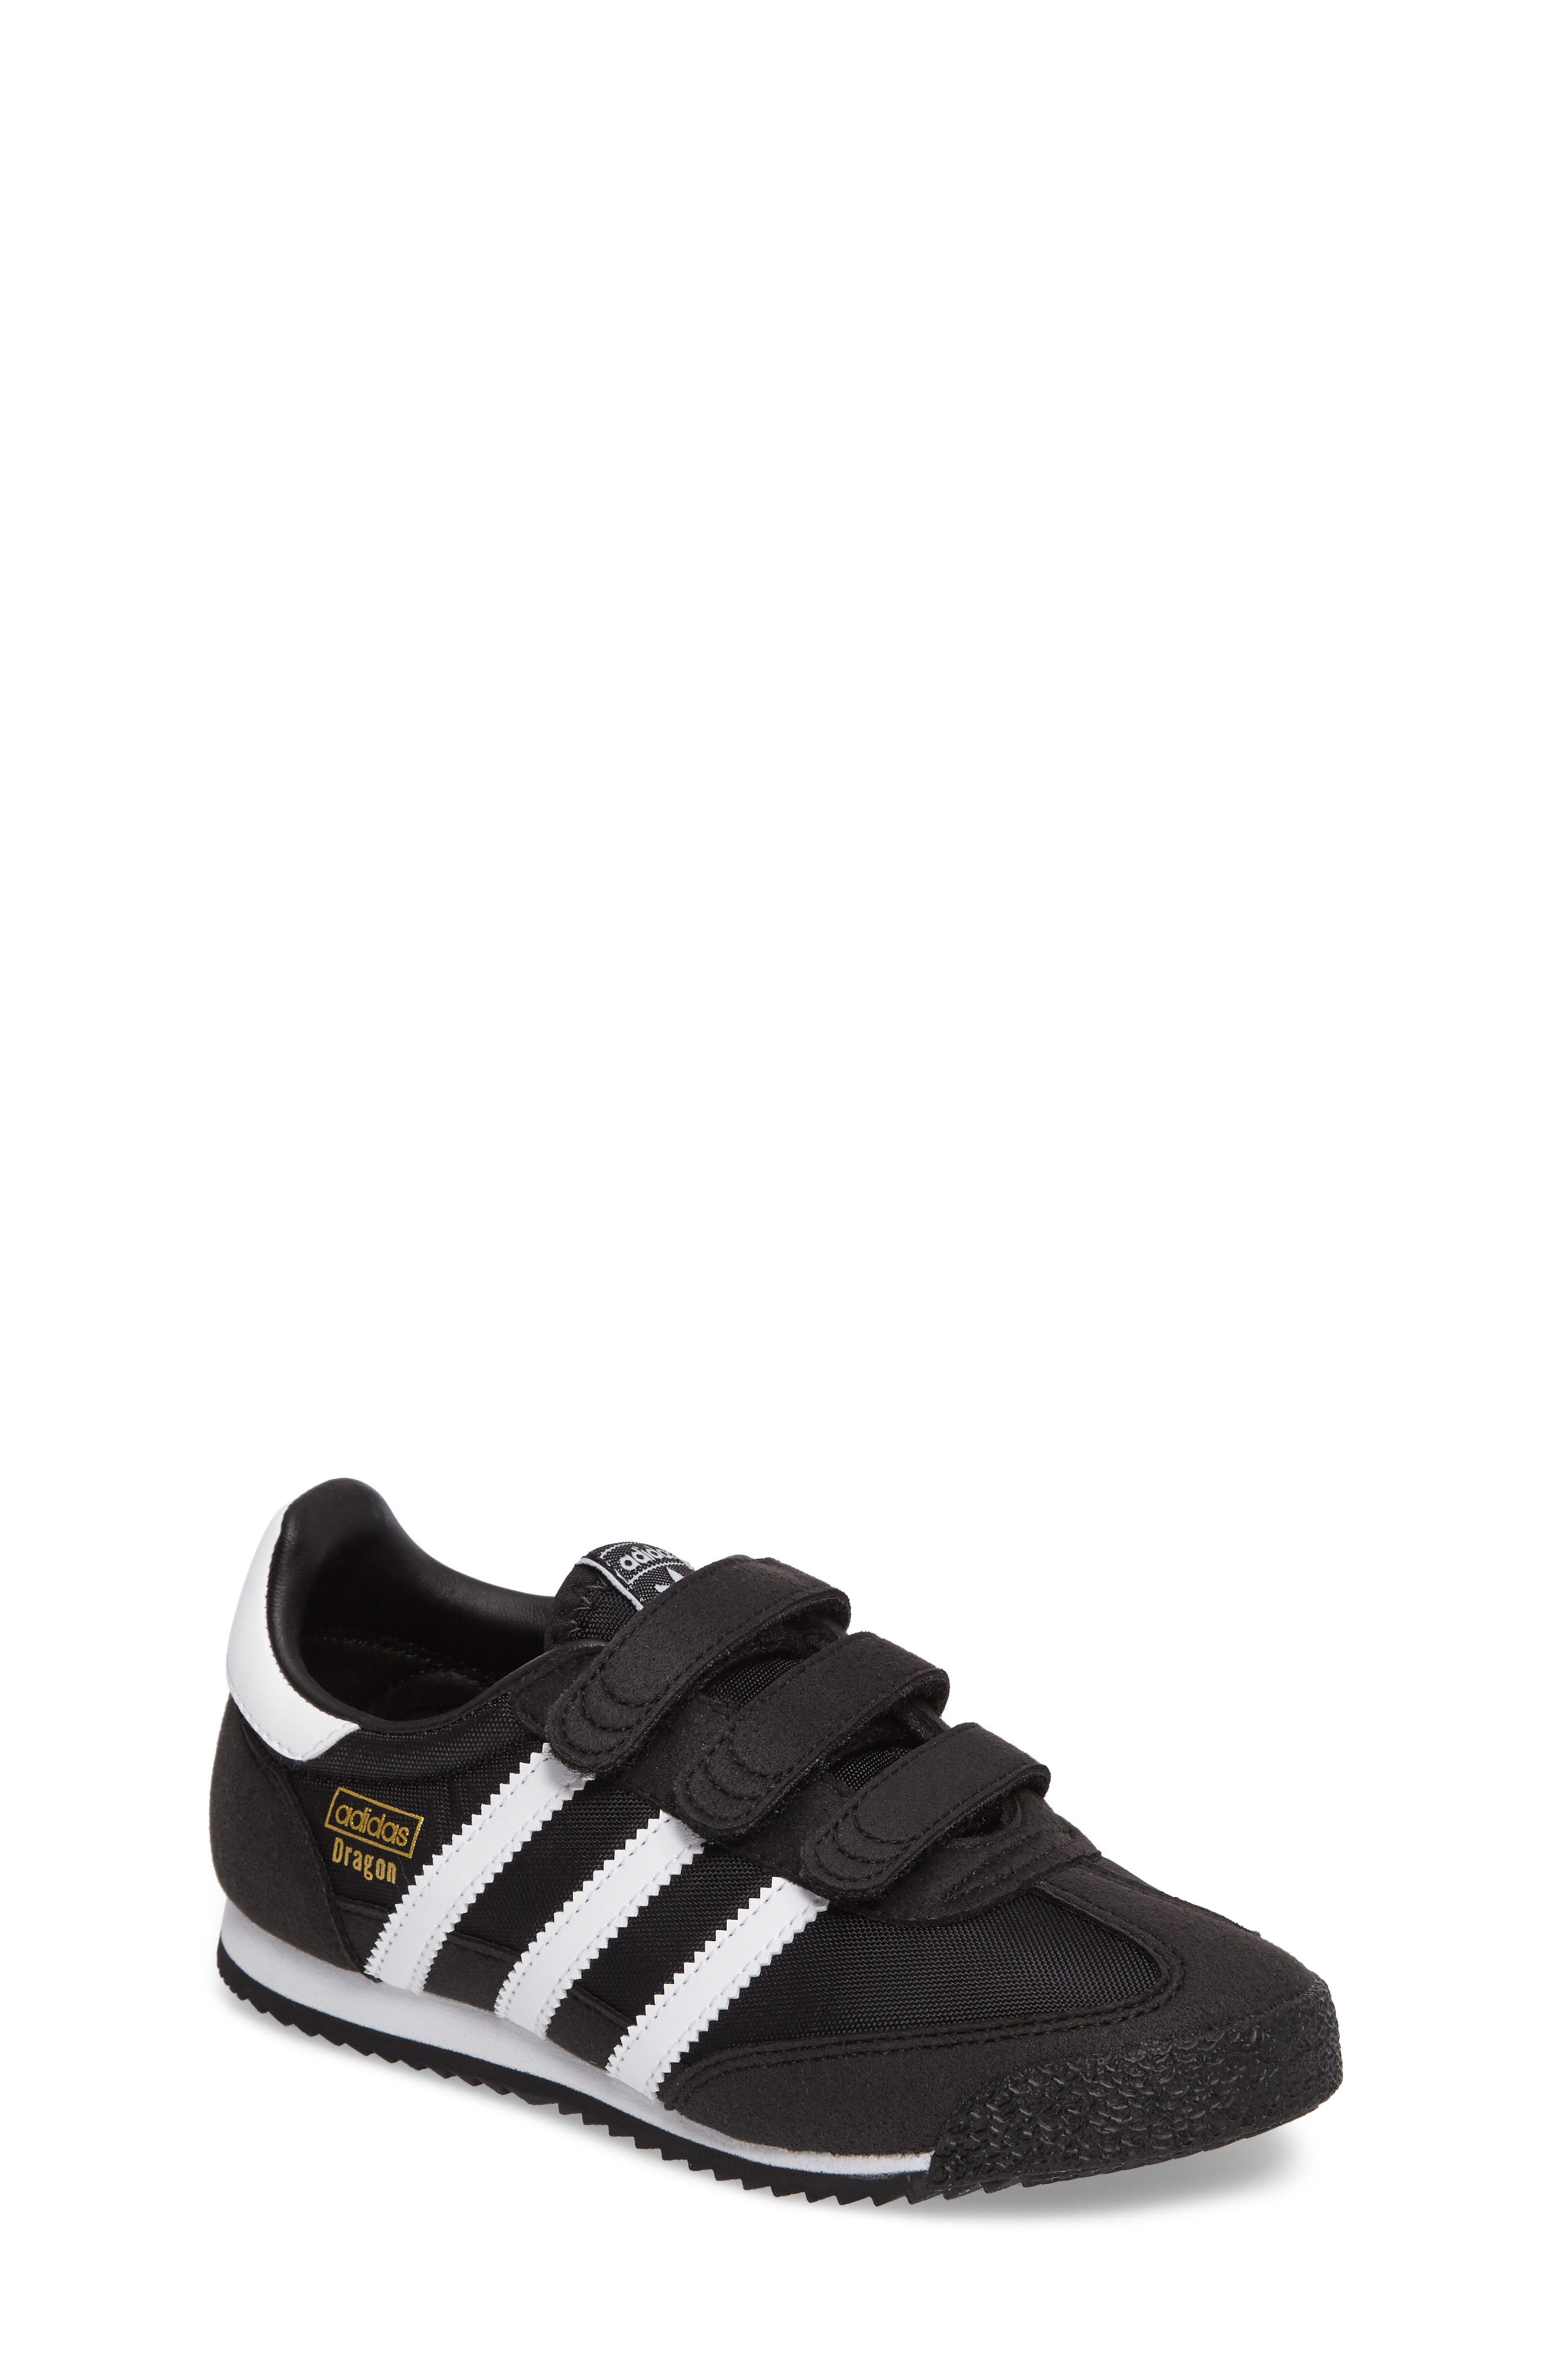 Dragon OG CF Athletic Shoe,                         Main,                         color, Black/ White